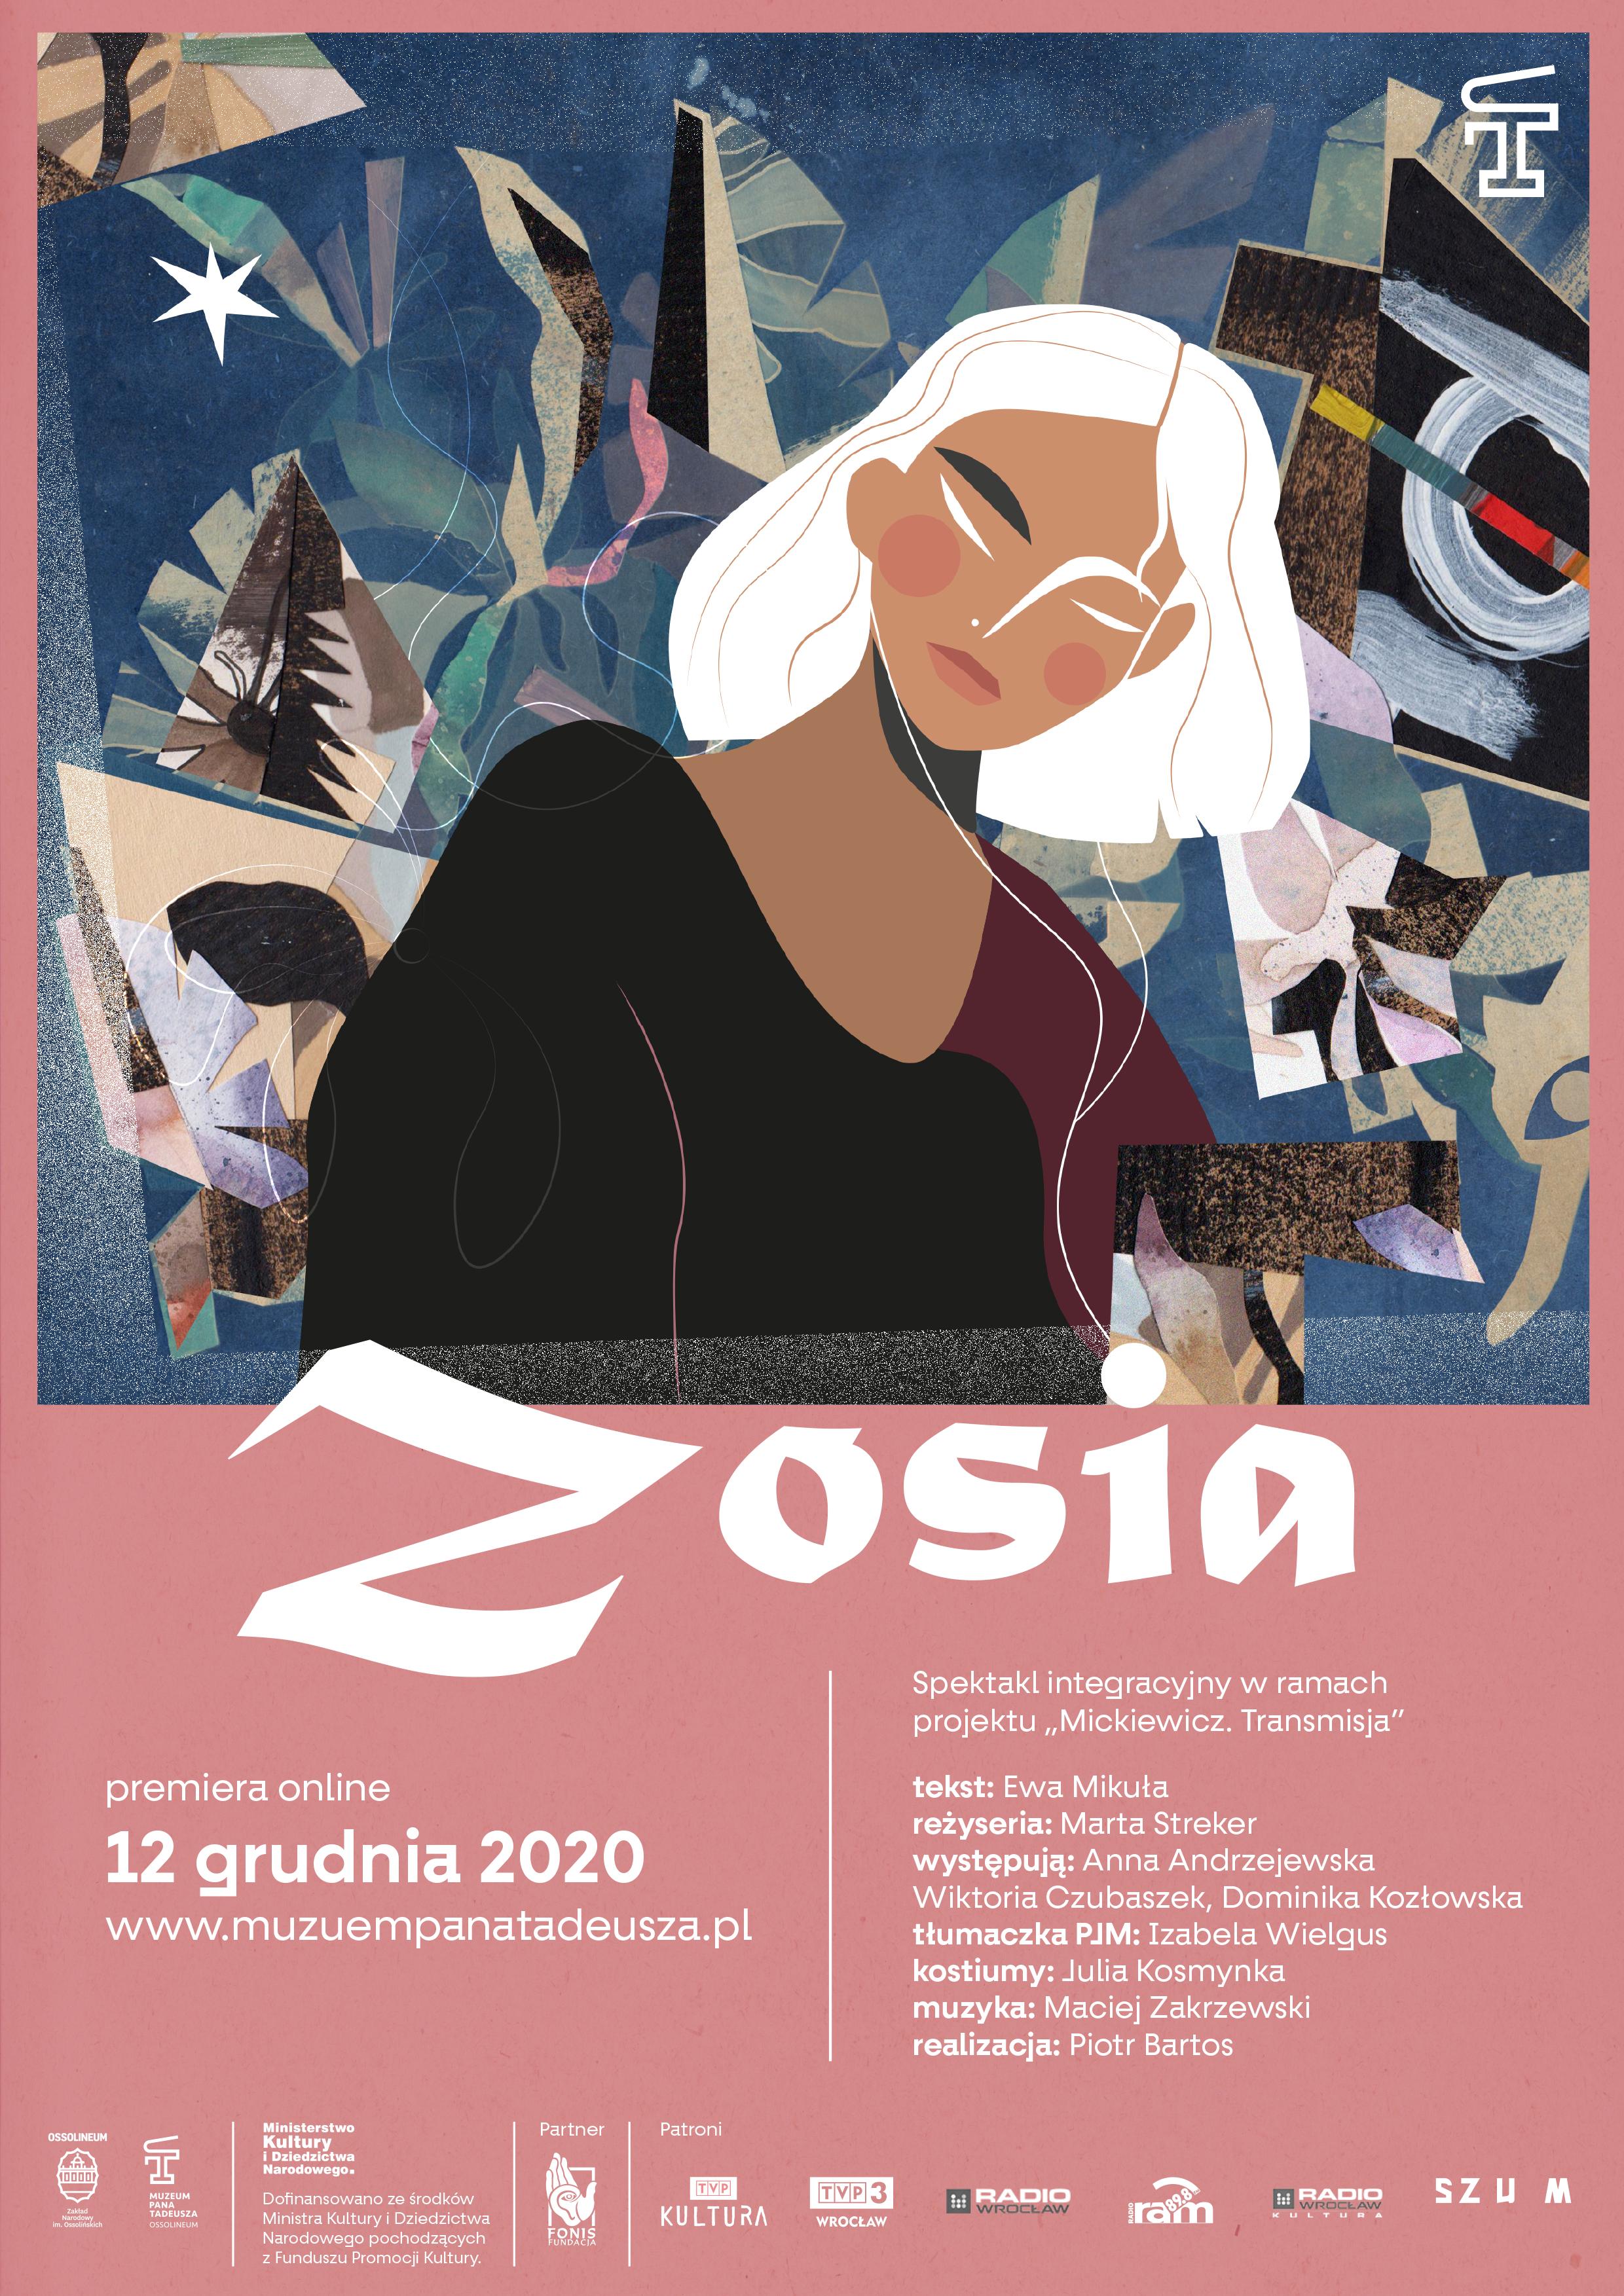 Zosia-plakt-MPT